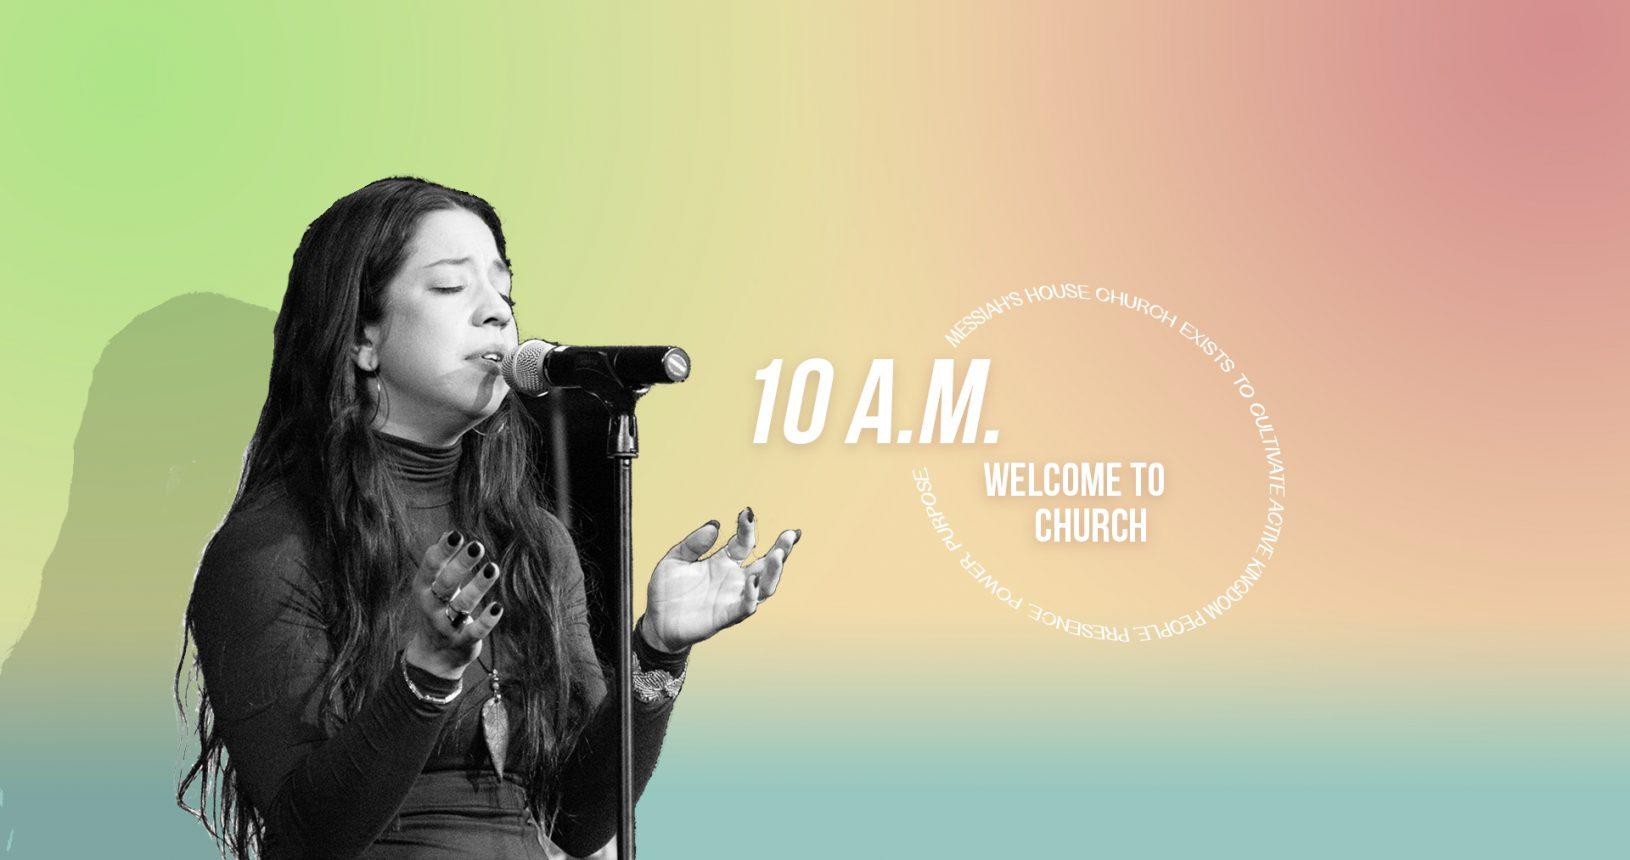 Church Amarillo, Livestream Church Online, Messiah's House Church, Amarillo Church